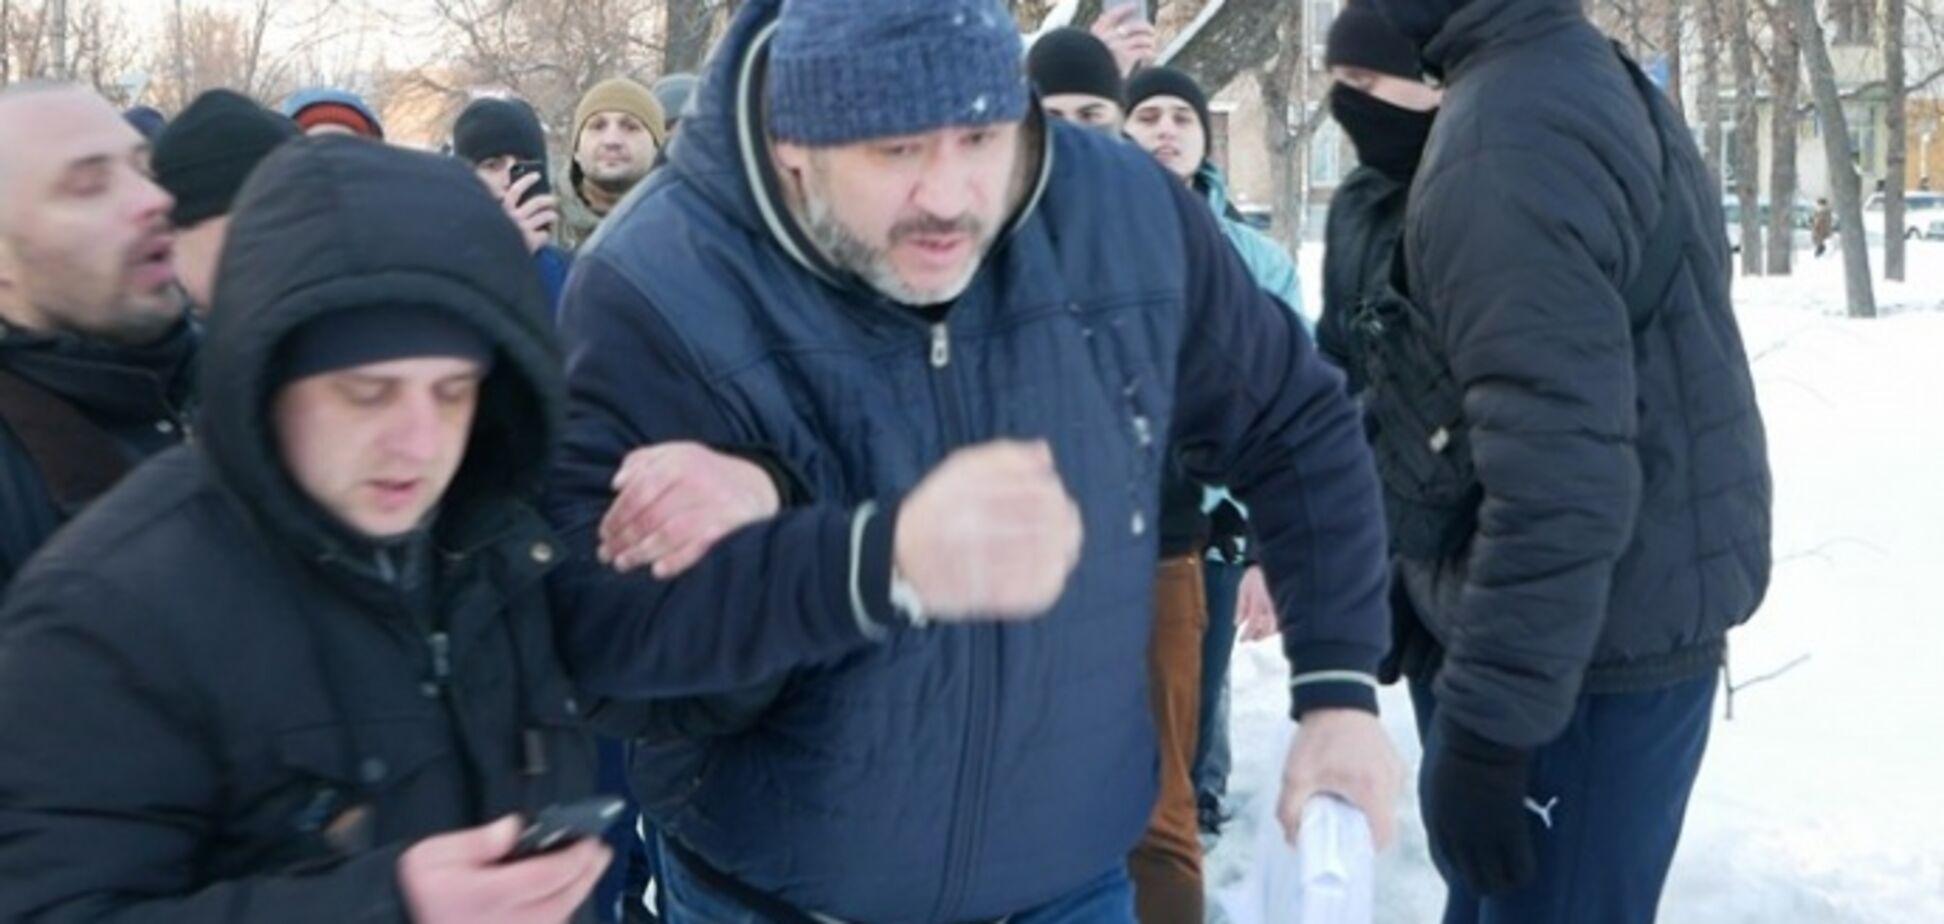 Убийство Веремия: разъяренные националисты устроили Крысину 'коридор позора'